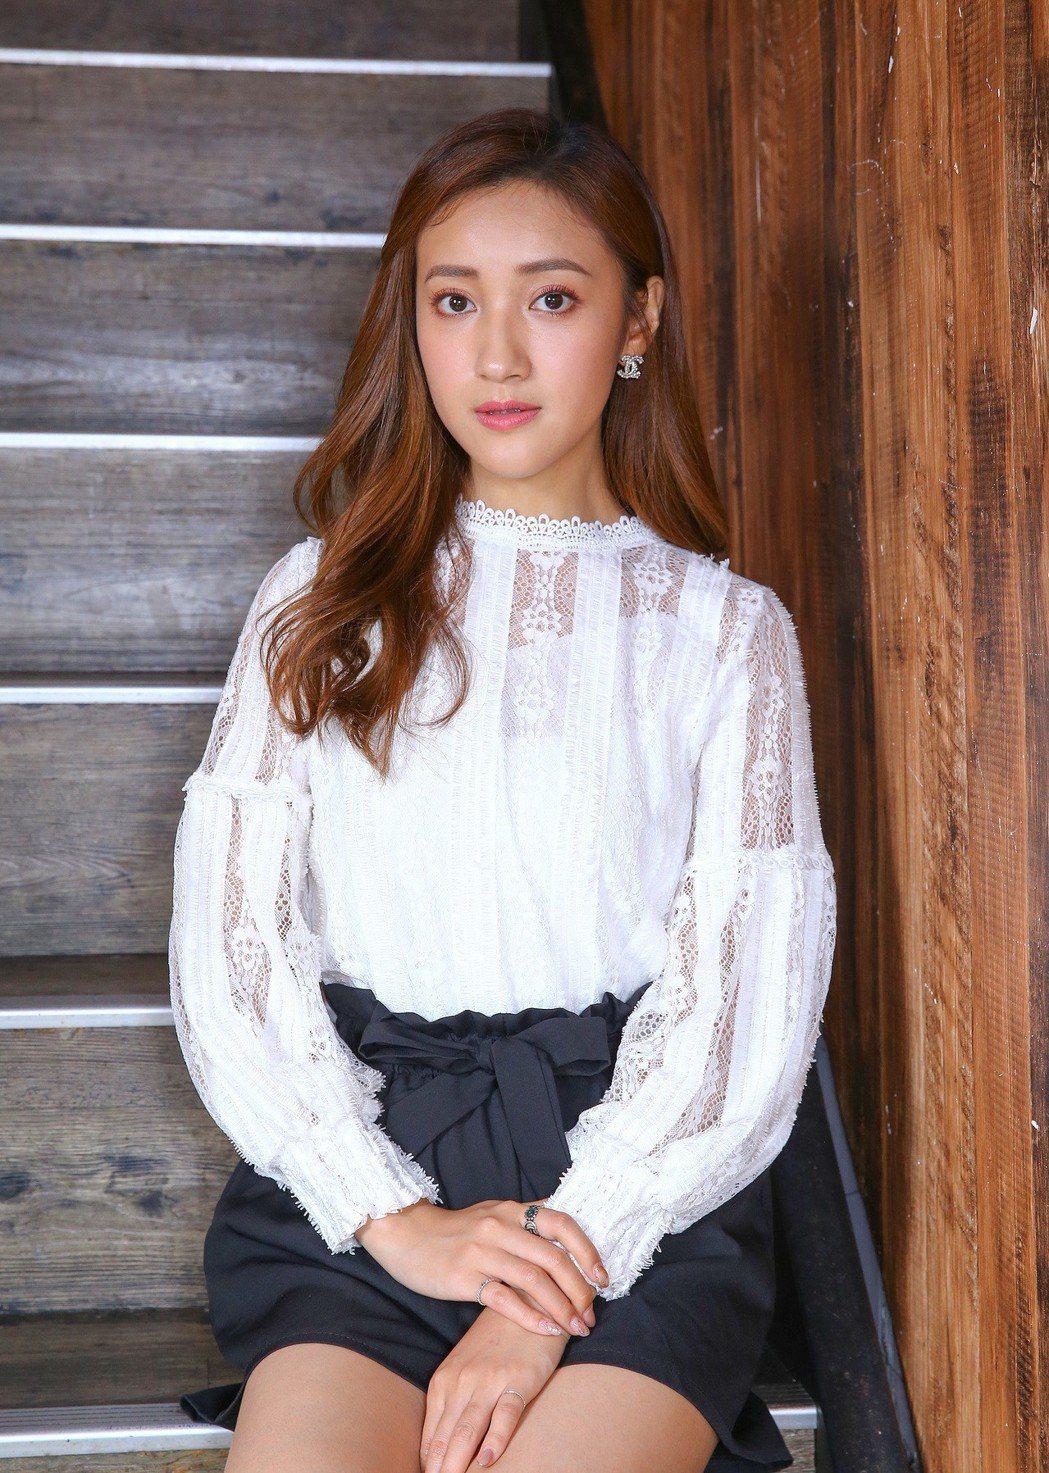 夏宇禾因演出「實習醫師鬥格」被封「最美女醫」。記者陳柏亨/攝影